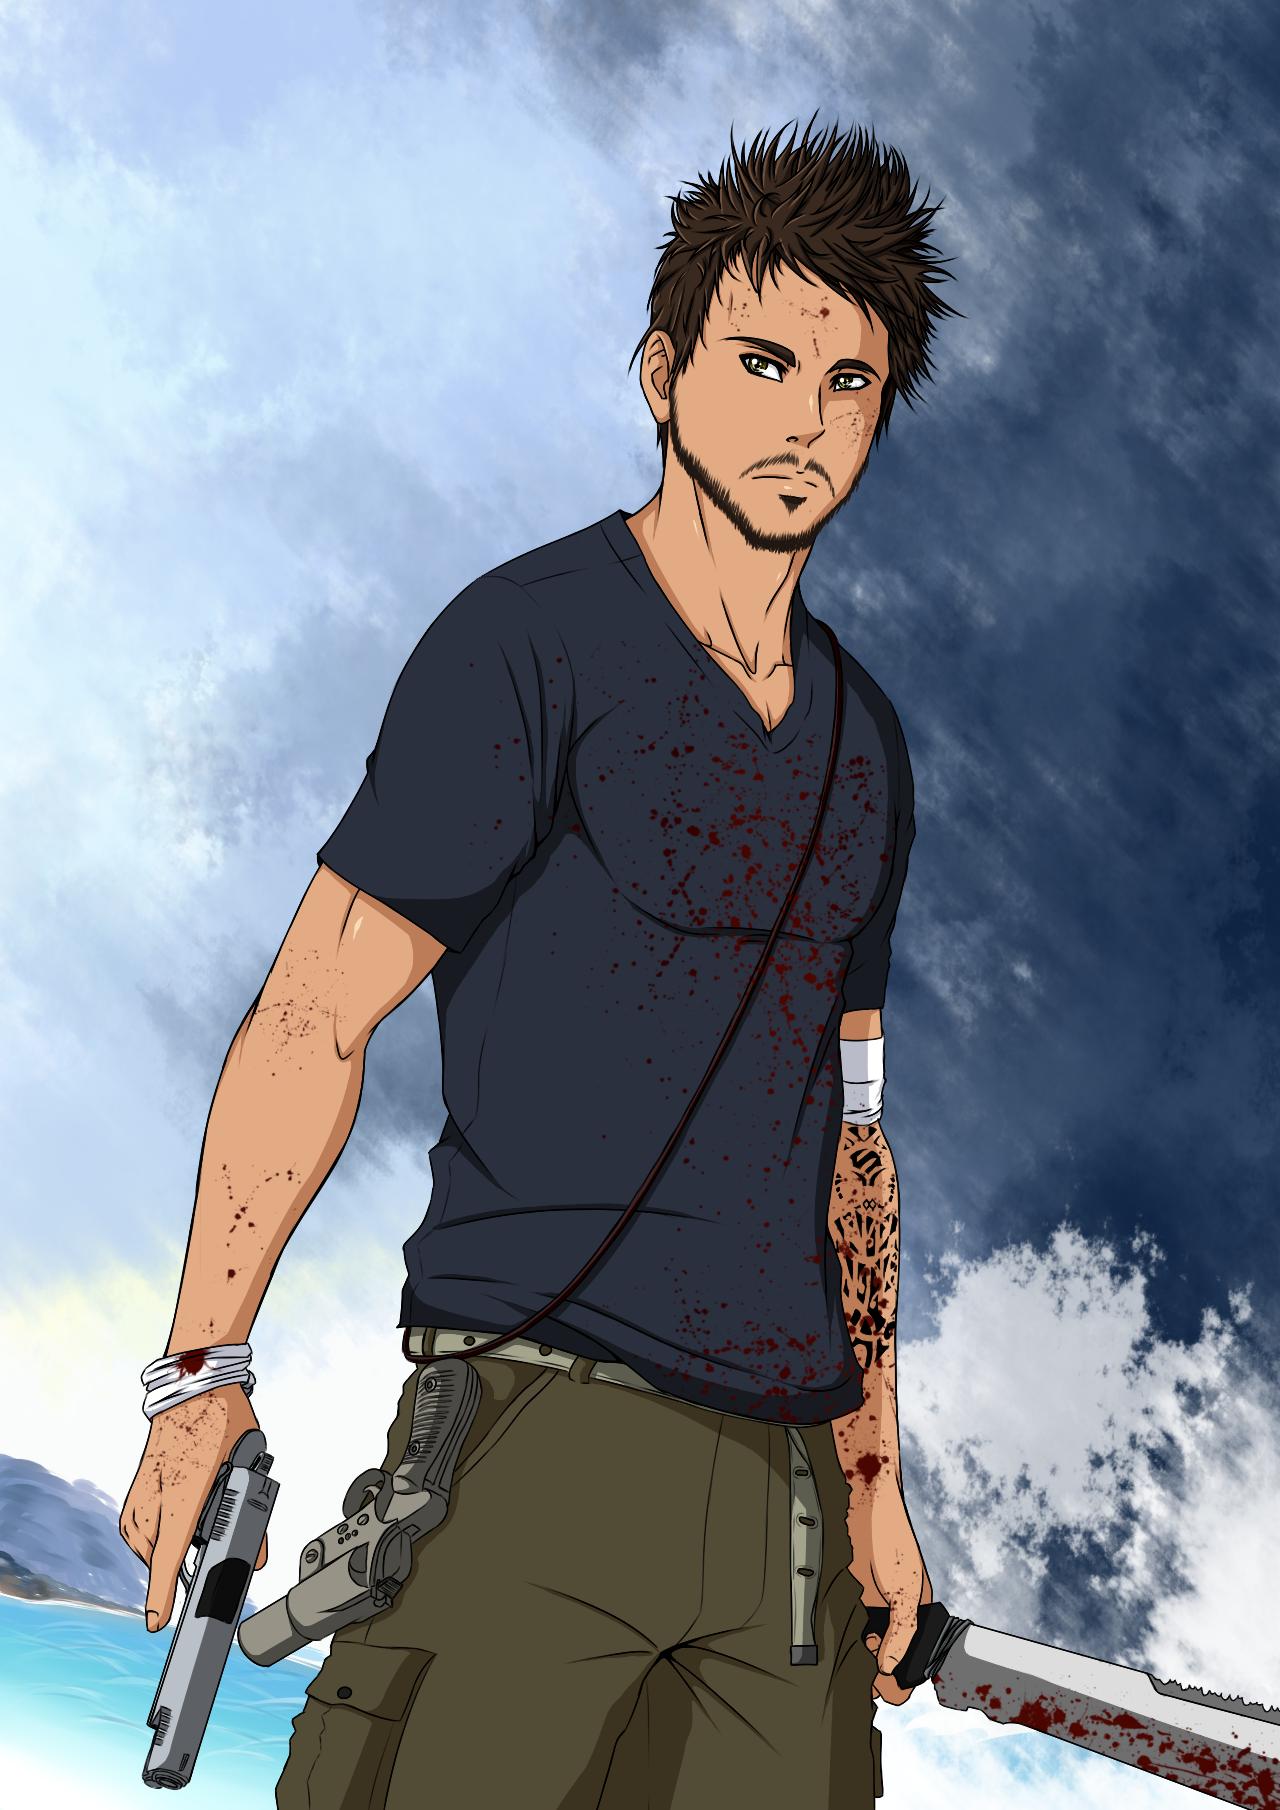 Far Cry 3 Jason Brody By Giannisxd55 On Deviantart